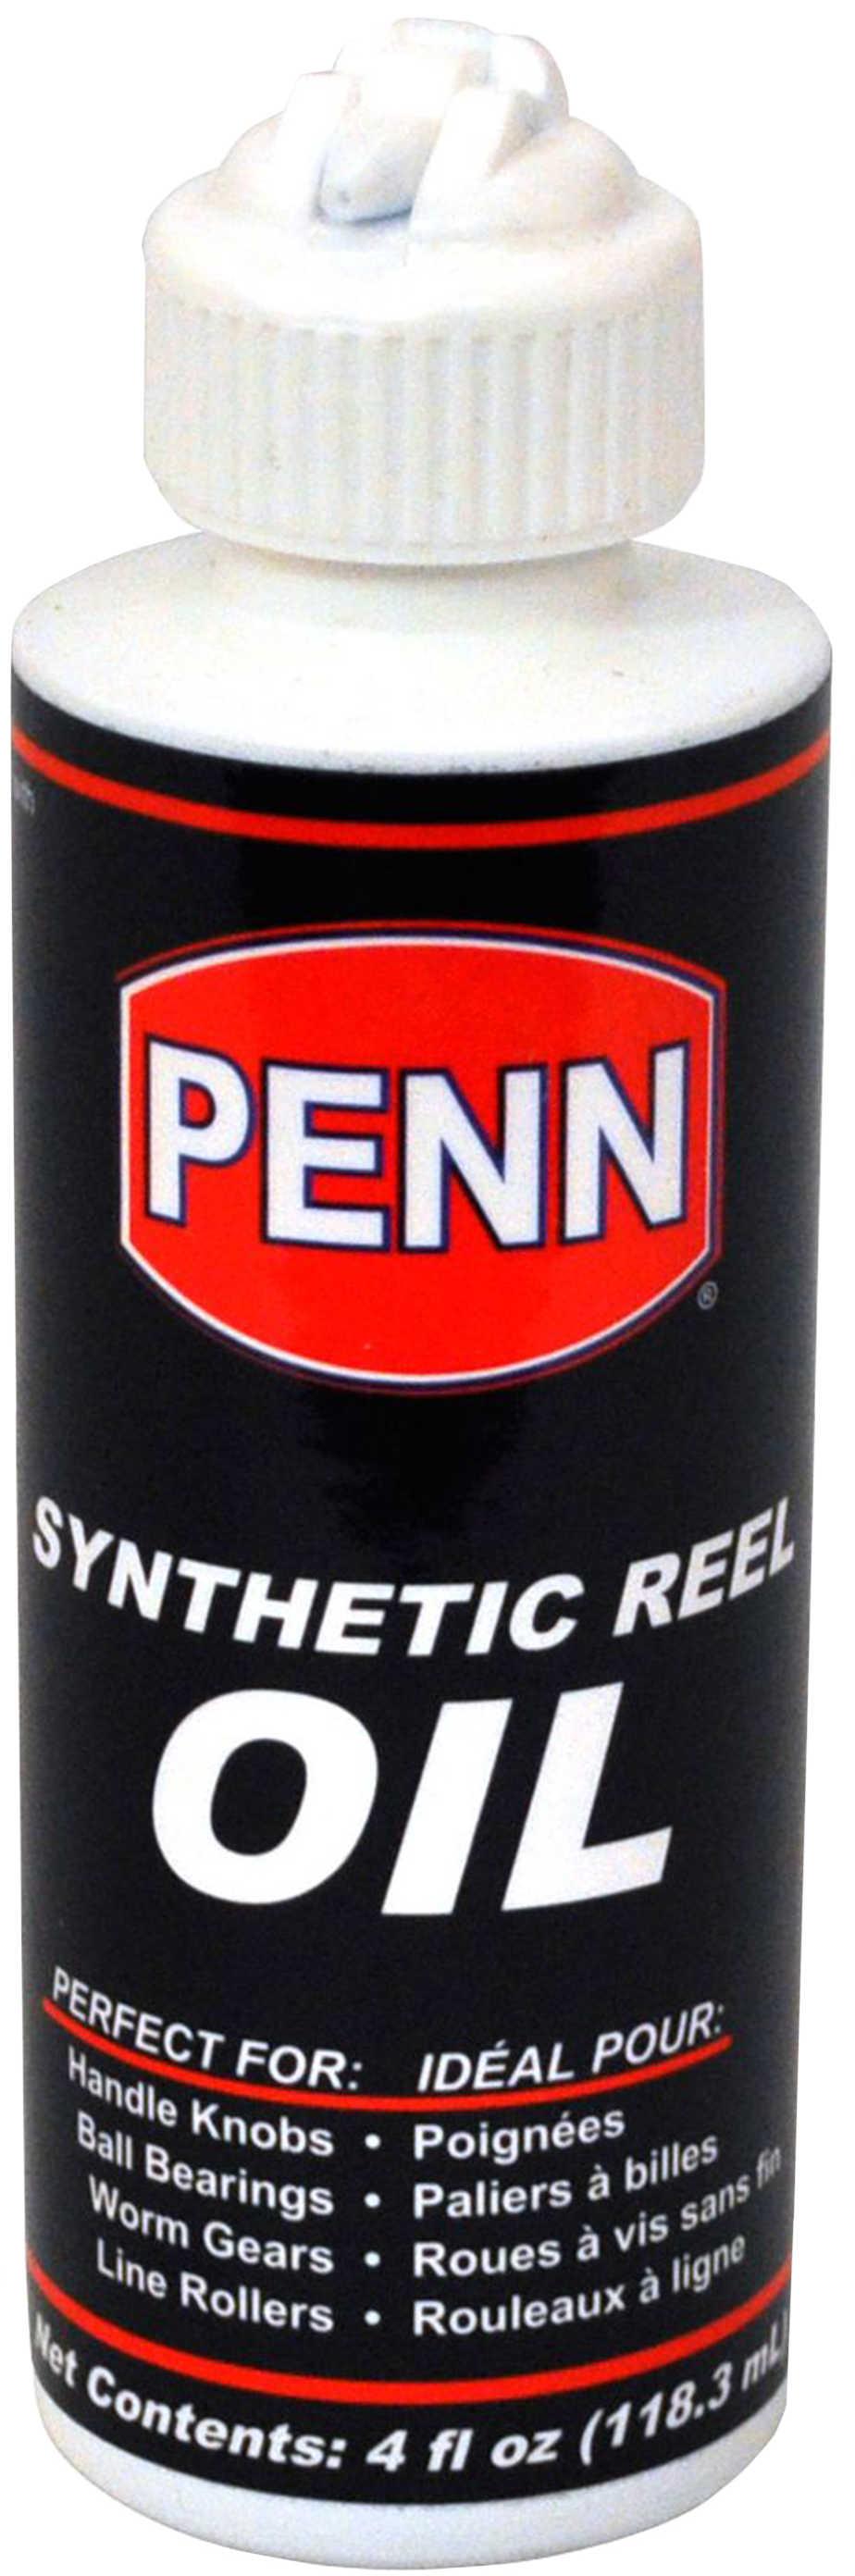 Penn Reel Oil 4oz Dripper Bottle Md#: 4OZOILCS6